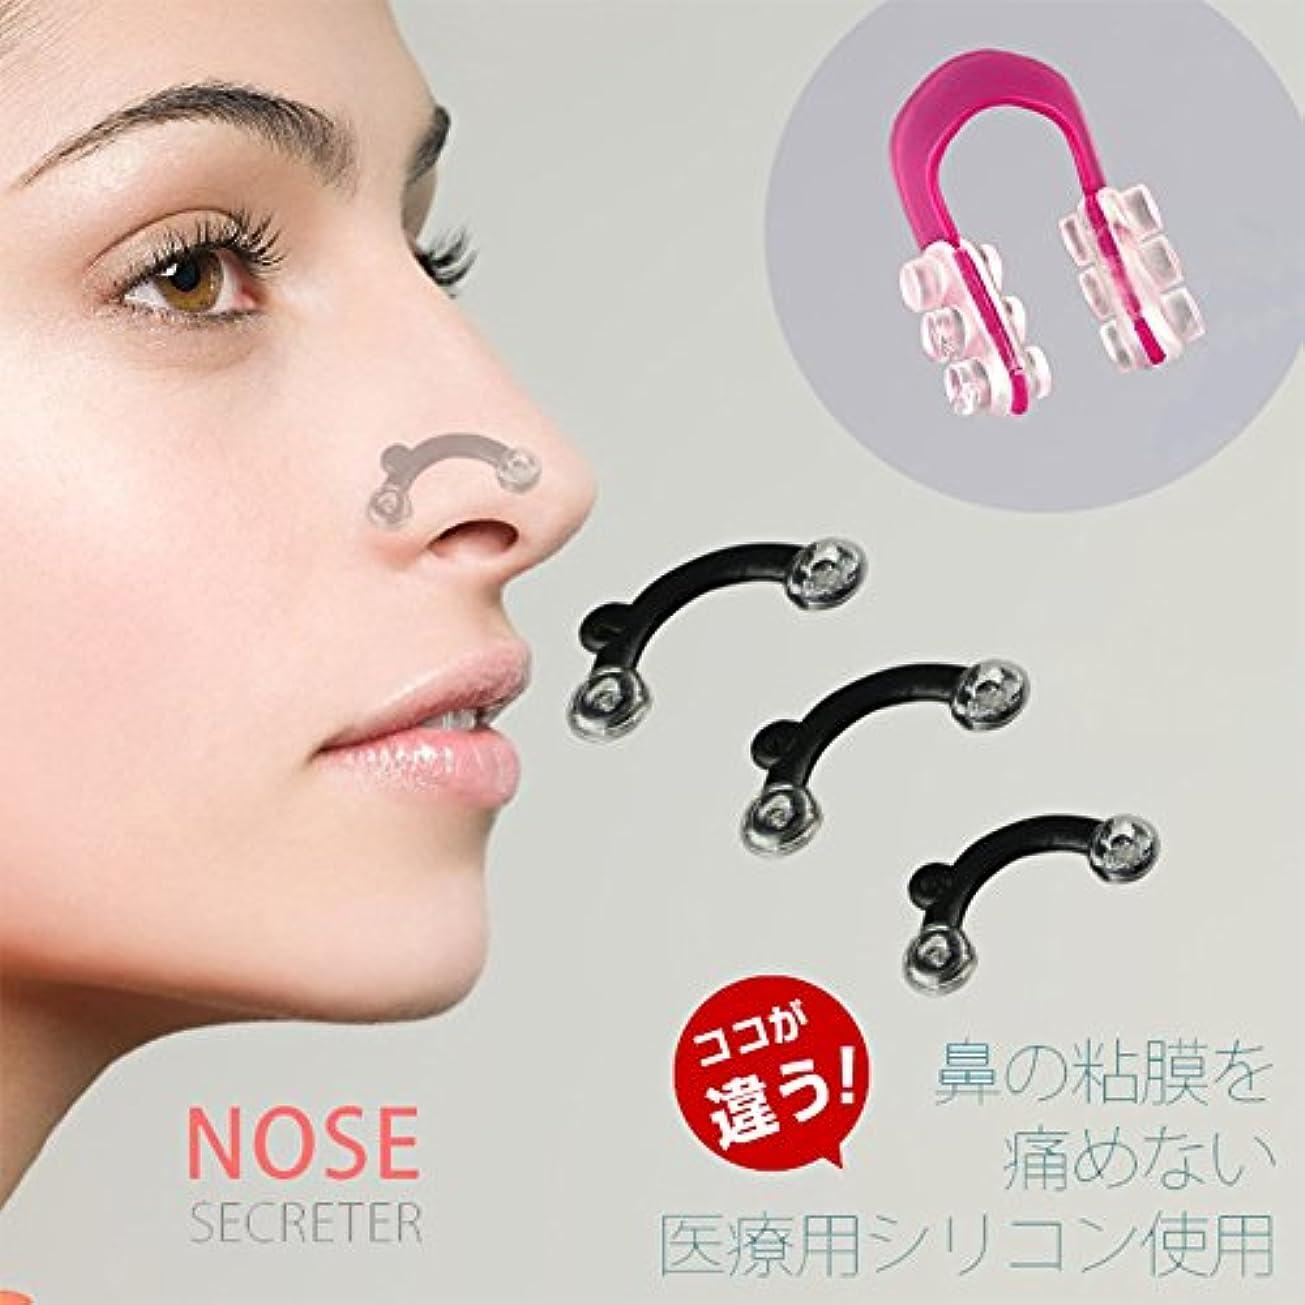 配分やりがいのある鍔MR 4点セット 小顔効果 ノーズチャーム プチ整形 3サイズ コスメ 韓国 ファッション MR-NOSECHARM